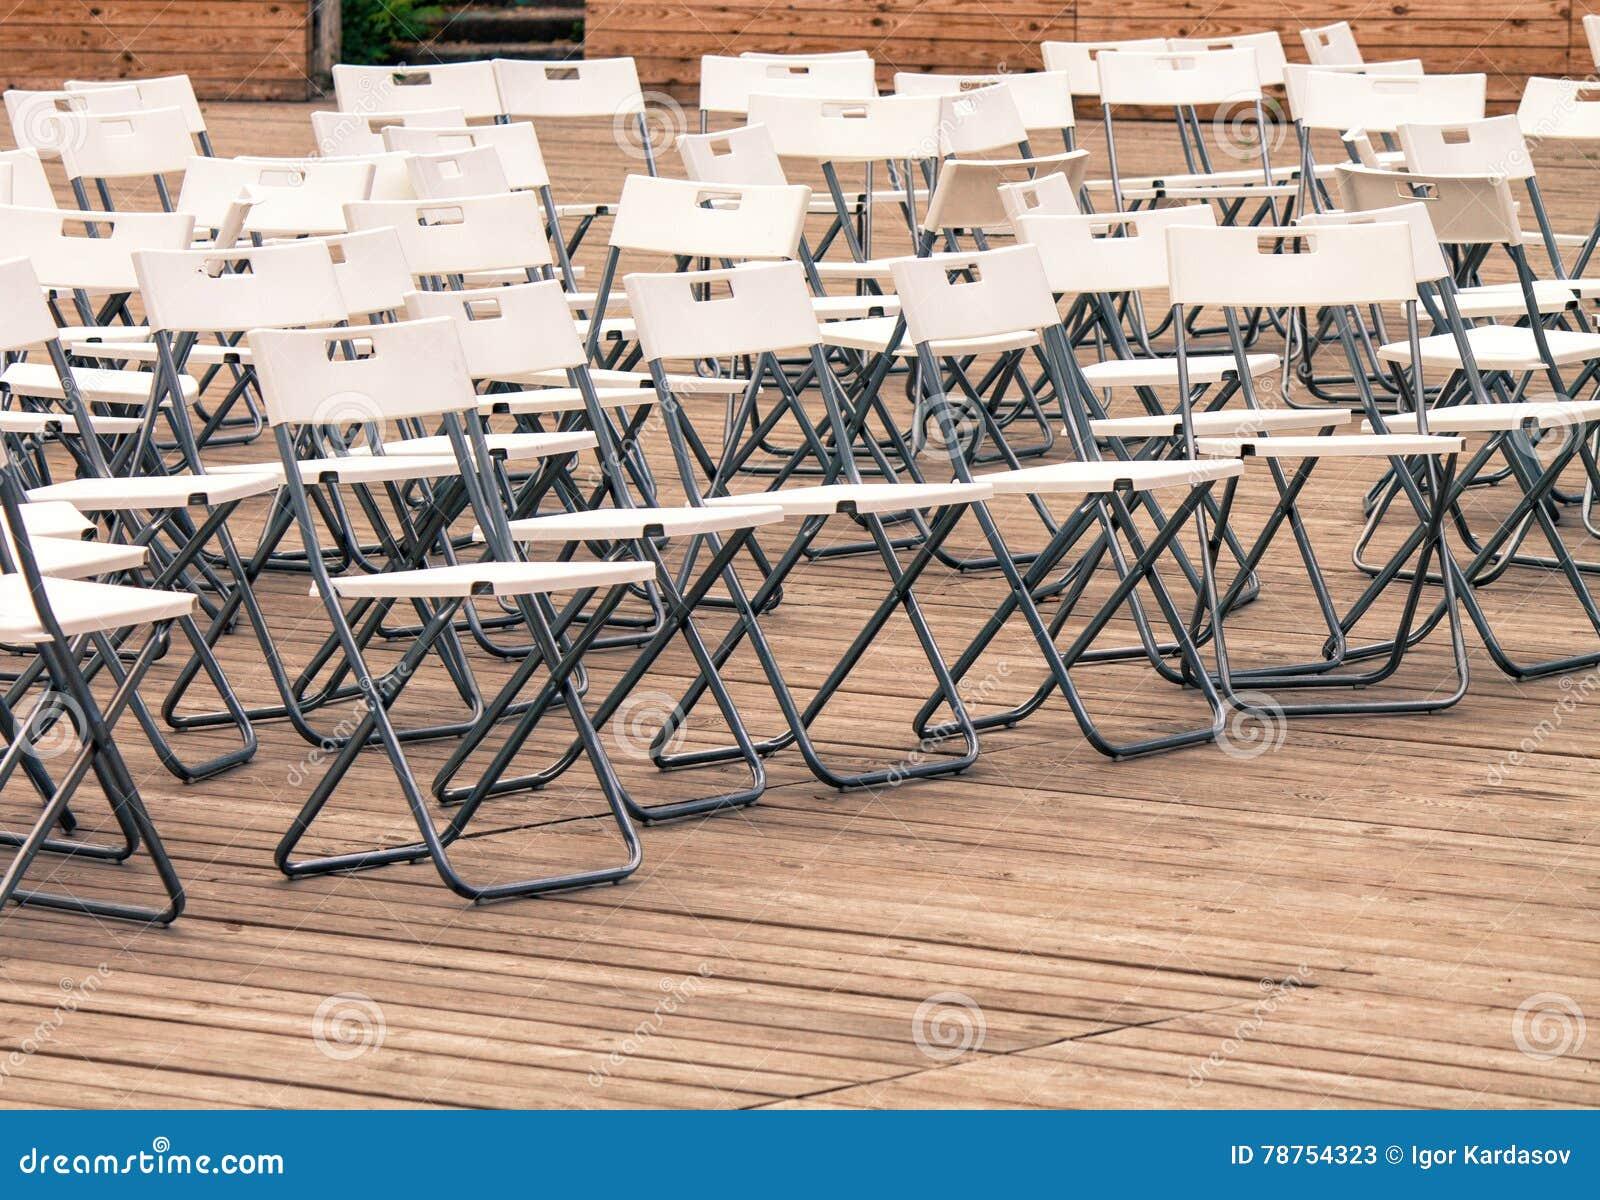 Rijen van lege witte moderne stoelen op de houten vloer van het theater